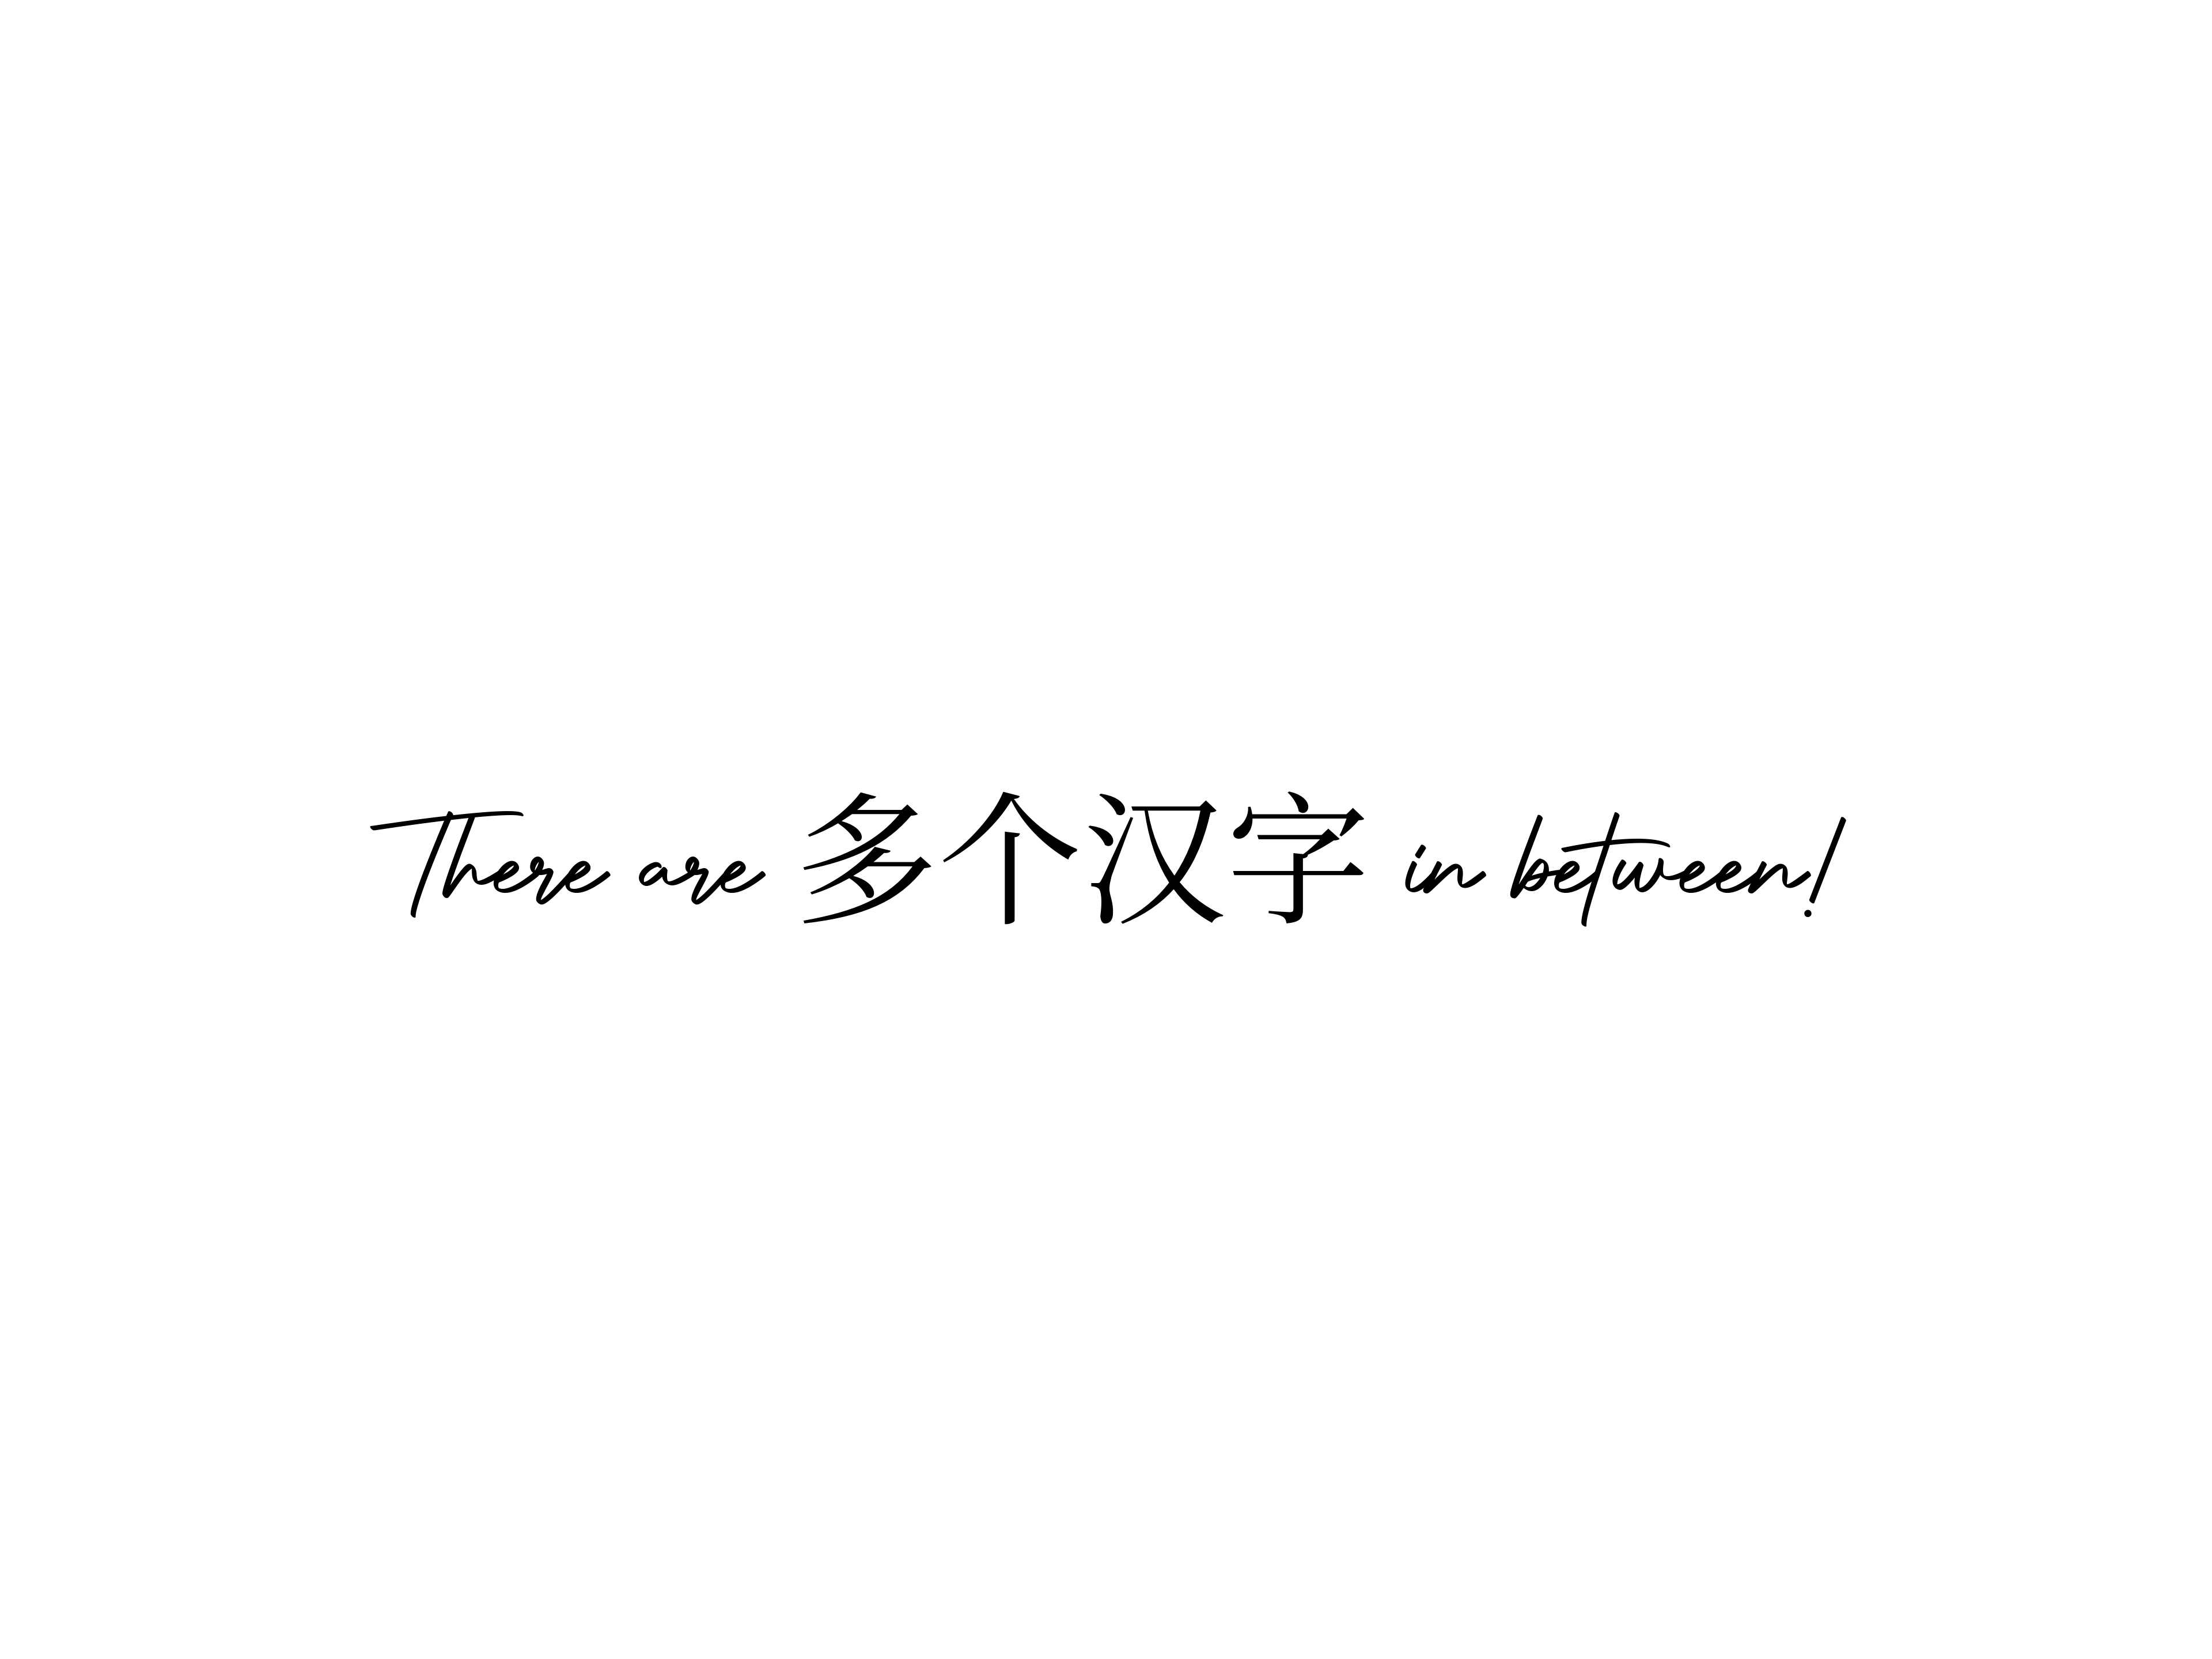 ChineseInBetween